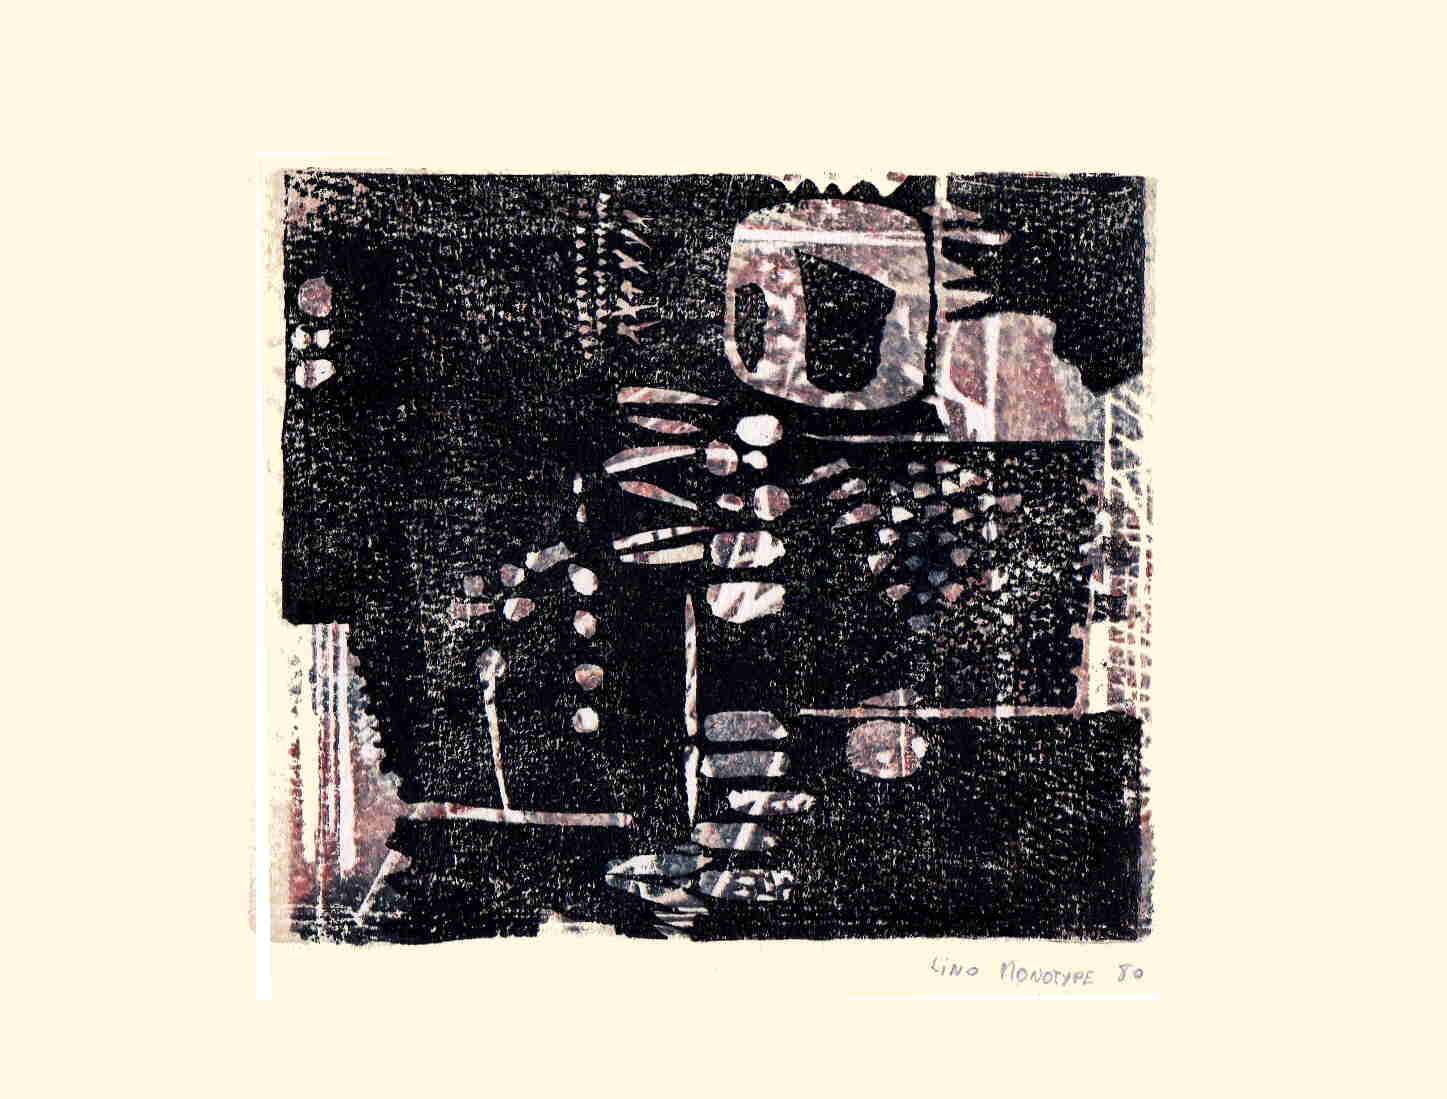 1980 - Monotype B